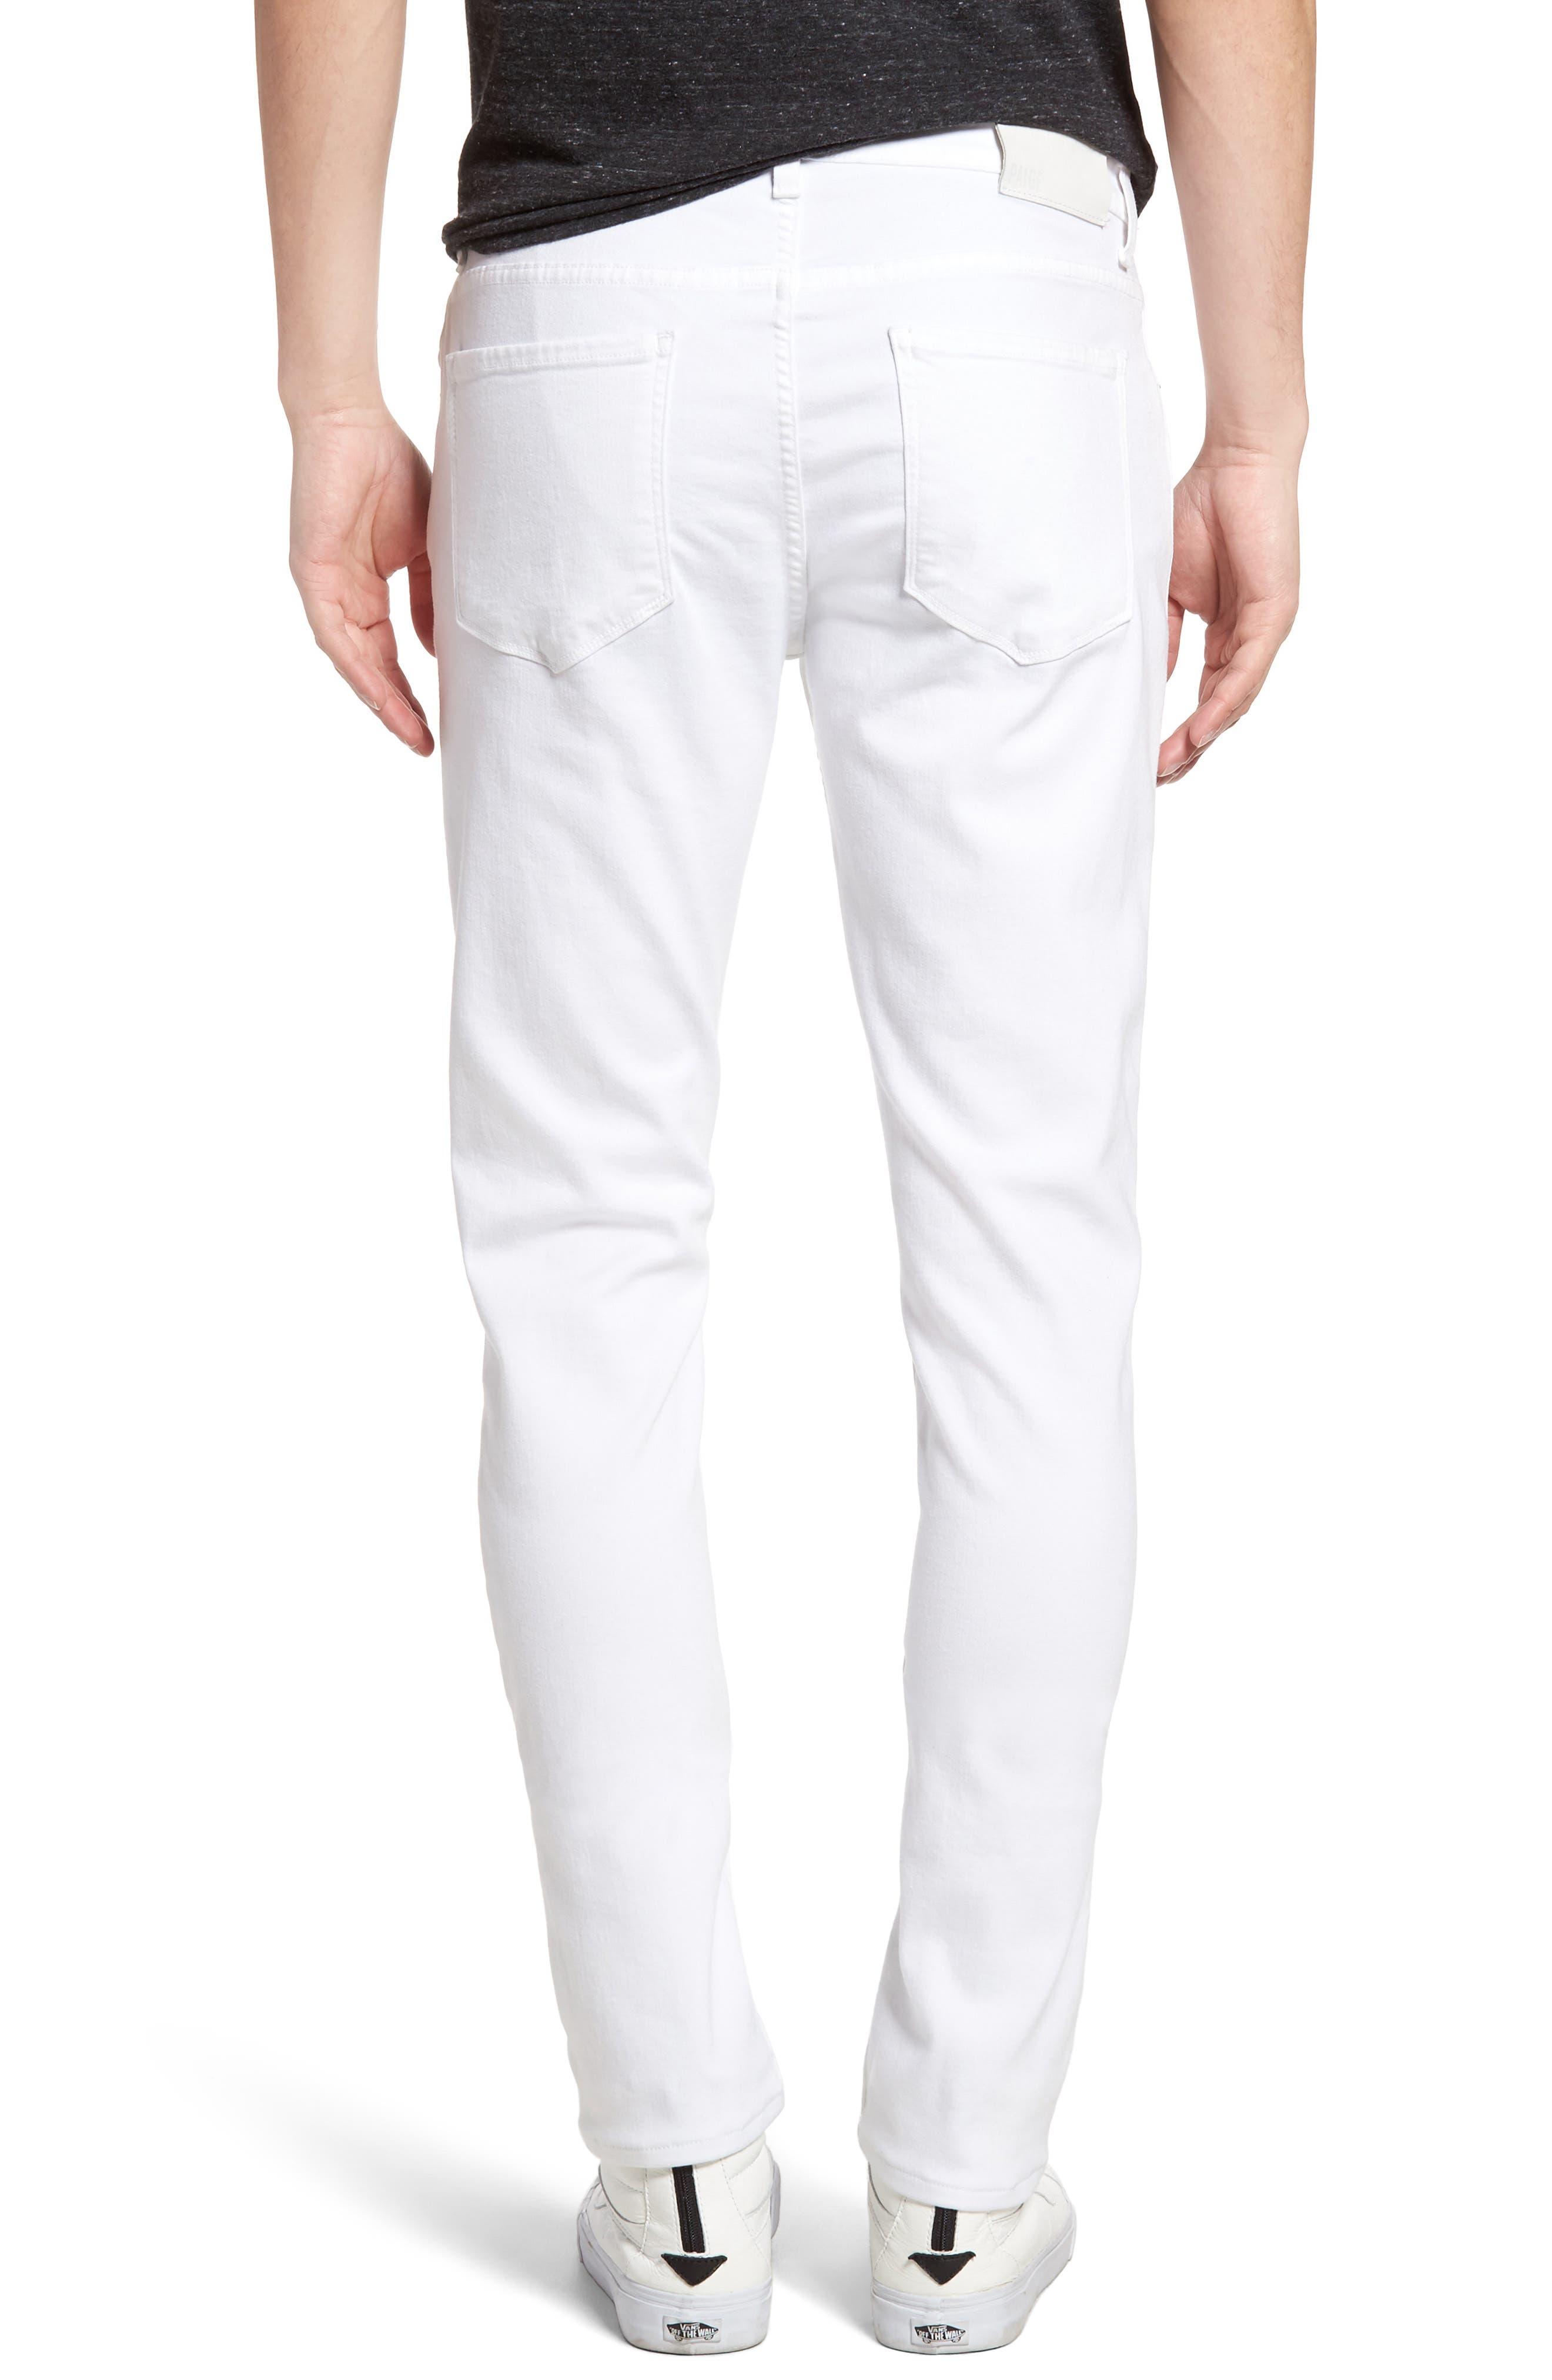 PAIGE, Transcend - Lennox Slim Fit Jeans, Alternate thumbnail 2, color, ICECAP